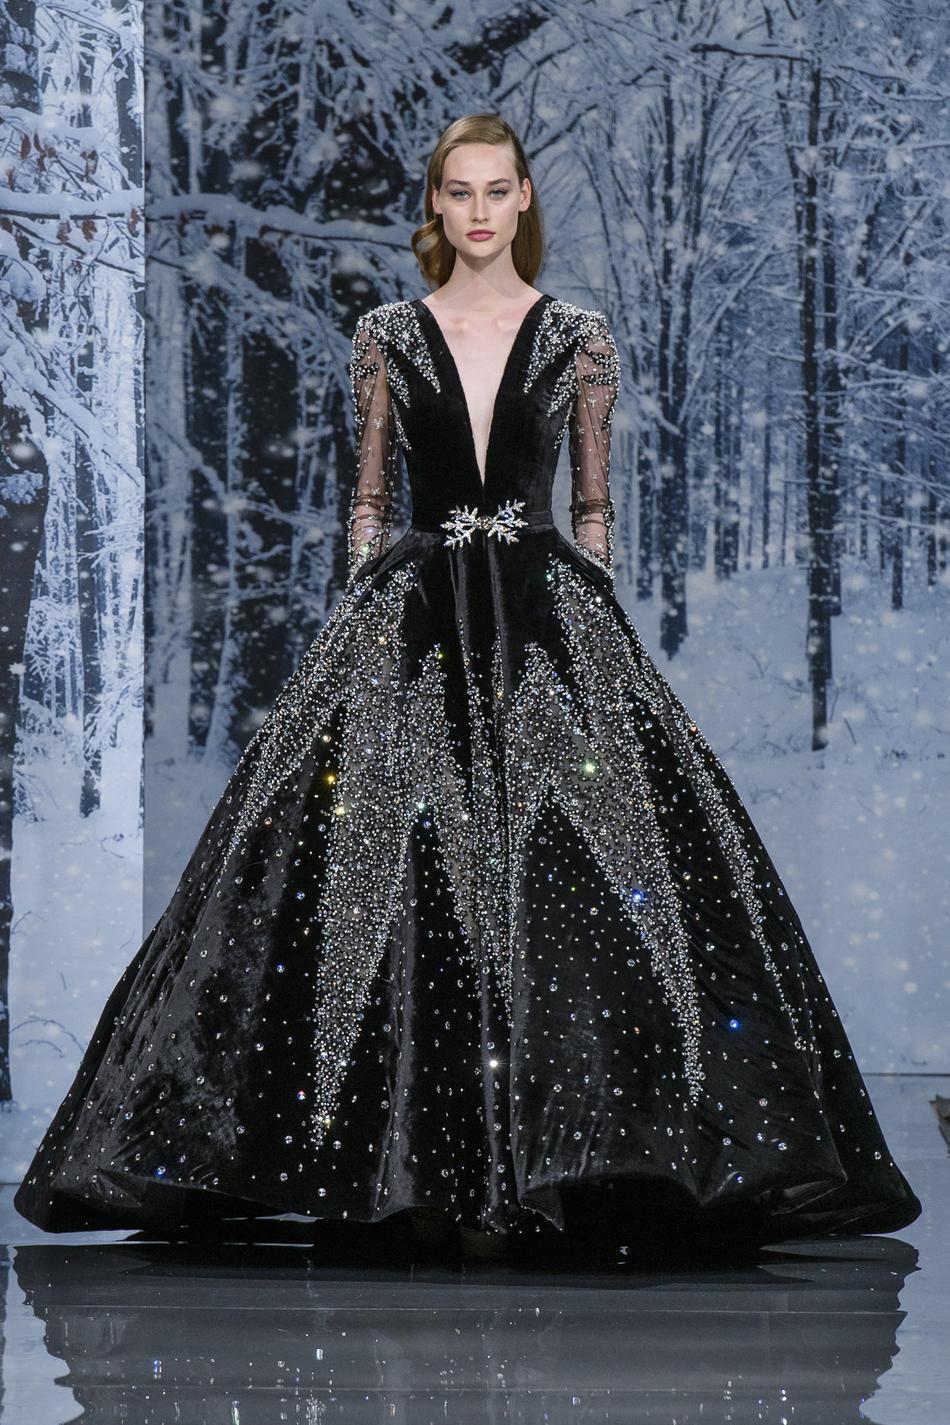 2018  les robes de rêve , Dior Haute couture 2018  les robes de rêve  , Giambattista Valli Haute couture 2018  les robes de rêve , Zuhair Murad  Haute